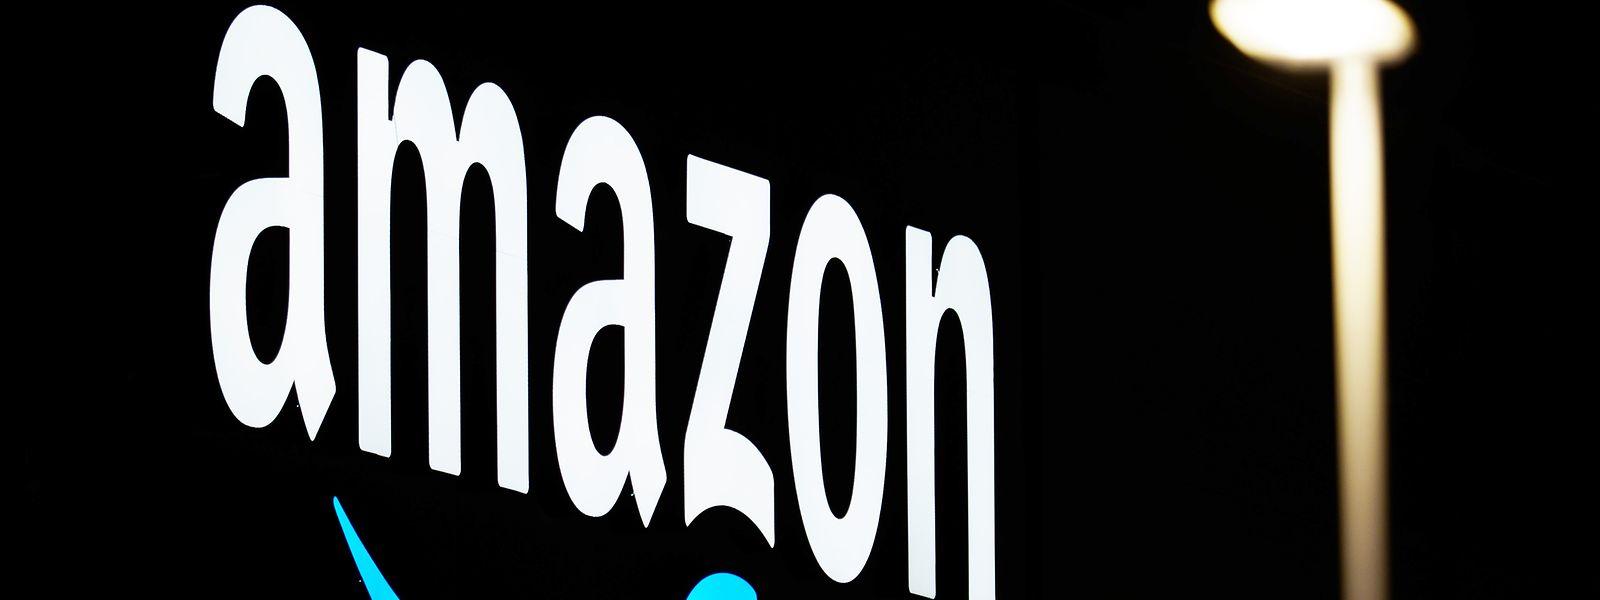 Die Erwartungen an den Geschäftsbericht waren hoch, Amazon hat sie übertroffen.